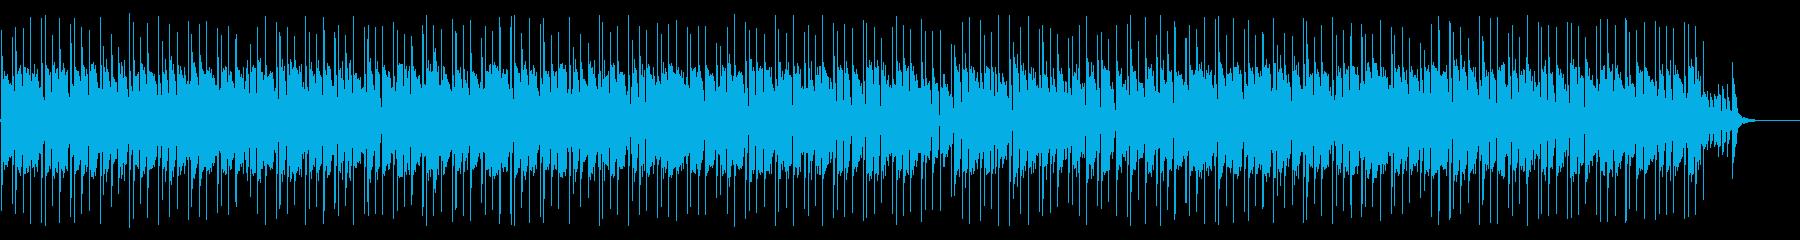 常夏の南国リゾートな曲の再生済みの波形